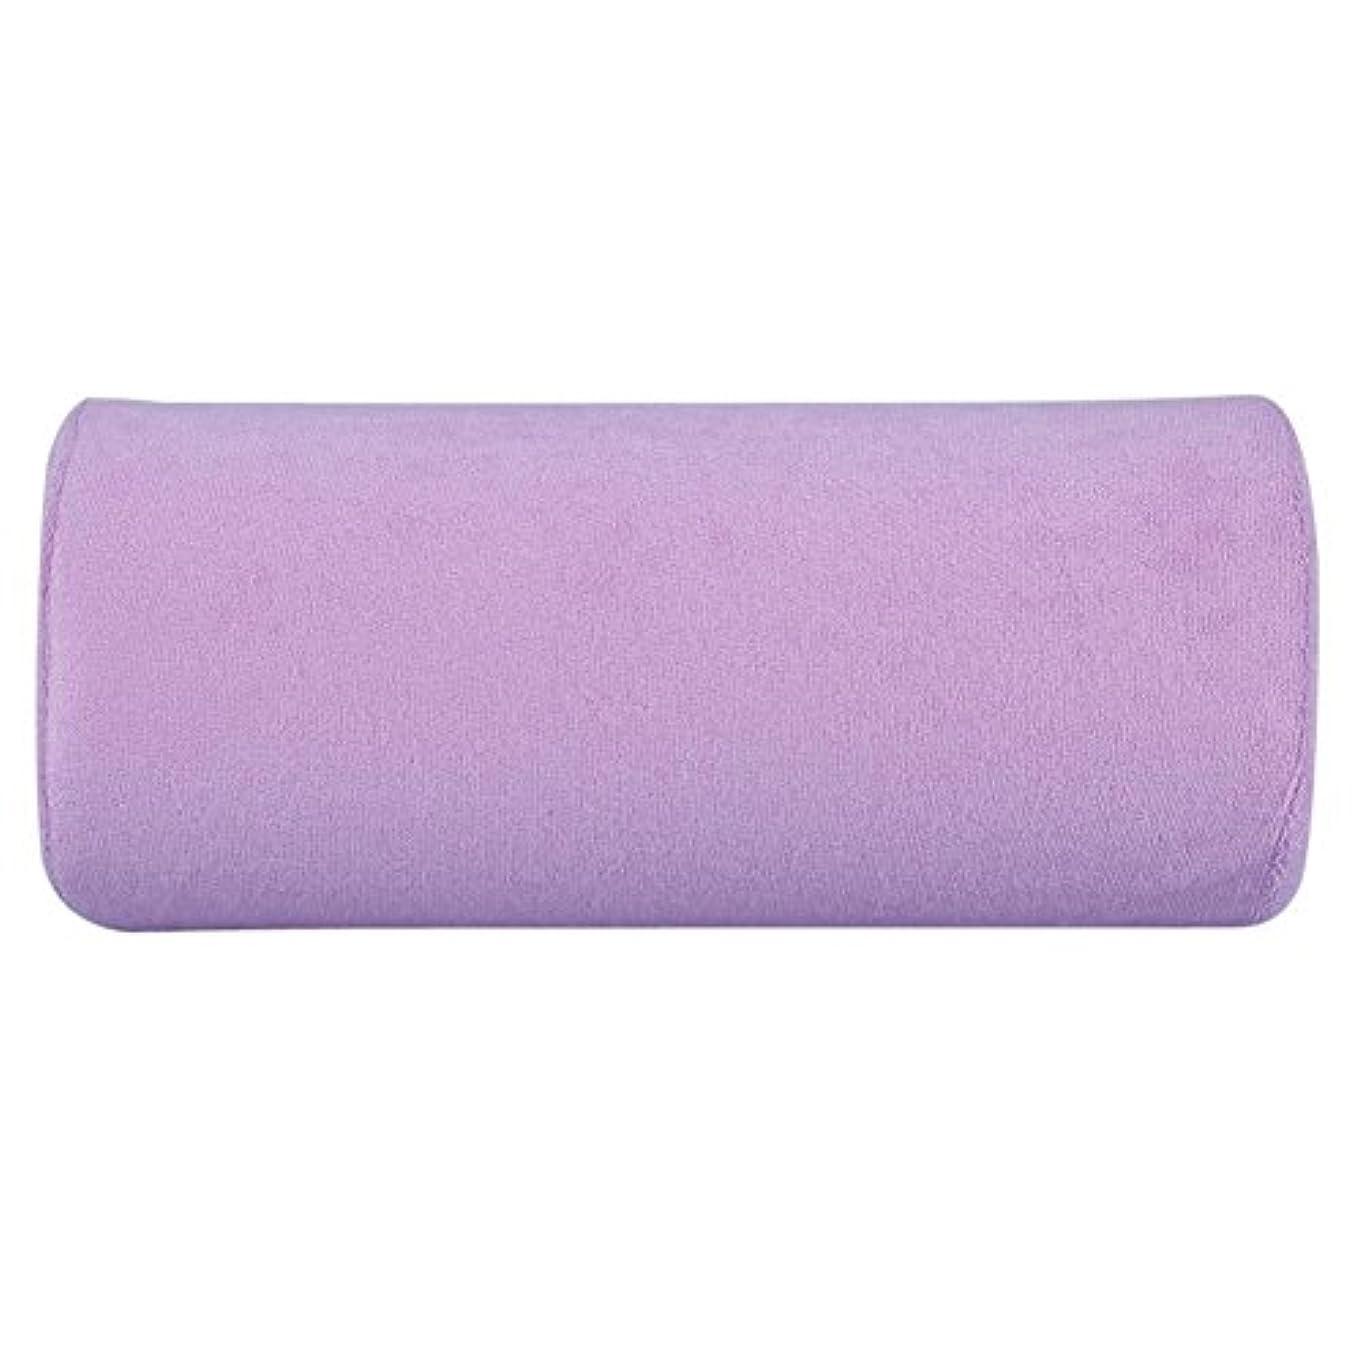 穿孔するグローバル合わせて腕置き Okuguy ハンド枕 手の枕 腕マクラ ハンドピロー 柔らかい 美容院 美容室 サロン (紫)